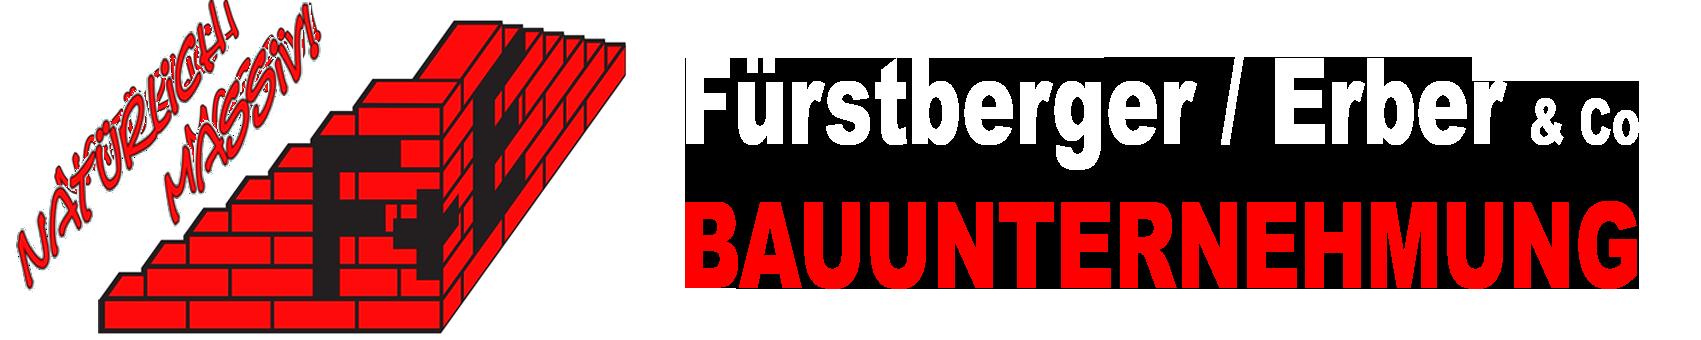 Fürstberger – Erber & Co. Bauunternehmung